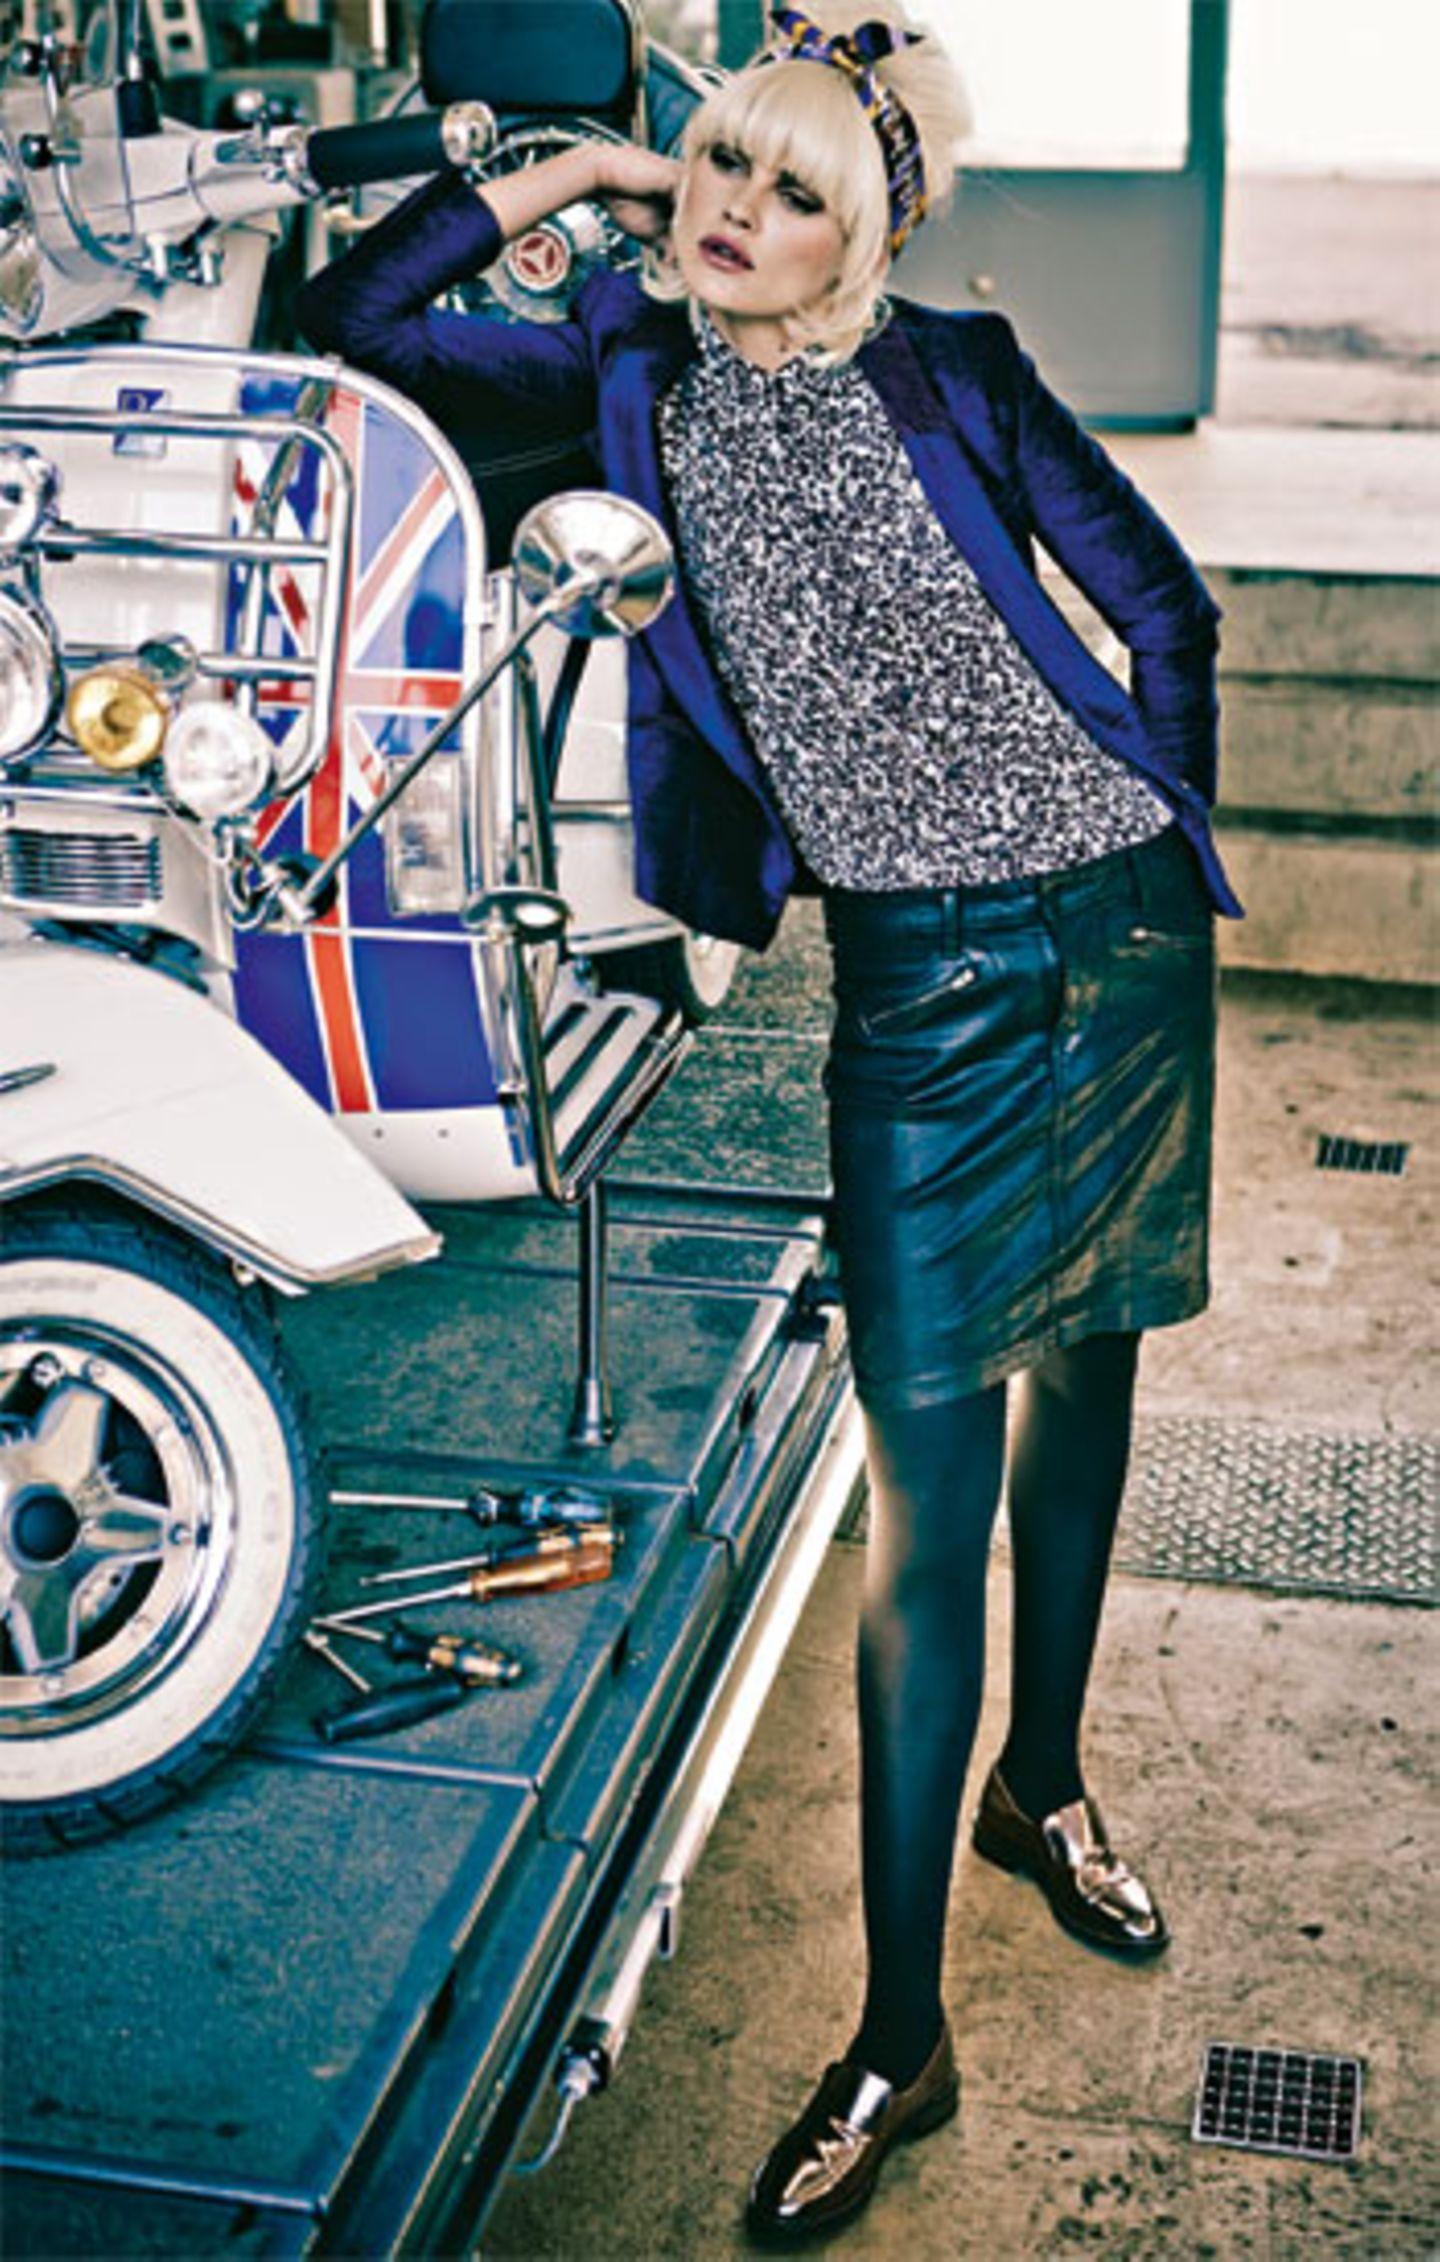 Glamourös: Auch tagsüber auf den schönen Schein von Metallic-Effekten setzen. Blauer Samtblazer mit bordeauxrot abgesetztem Kragen: Sessùn, ca. 180 Euro. Bluse mit grafischem Schwarz-Weiß-Muster: Lacoste, ca. 90 Euro. Beschichteter Jeansrock mit Reißverschluss-Taschen: NYDJ, ca. 160 Euro. Seidencarré (als Haarband getragen): Hermès. Metallic-Loafers: Brunello Cucinelli. Strumpfhose: Item m6. Mehr bei BRIGITTE.de Unsere Lieblingstrends für Herbst und Winter 2013 Elf Modetrends für den Herbst Schöne Taschen: Die Laufsteg-Trends